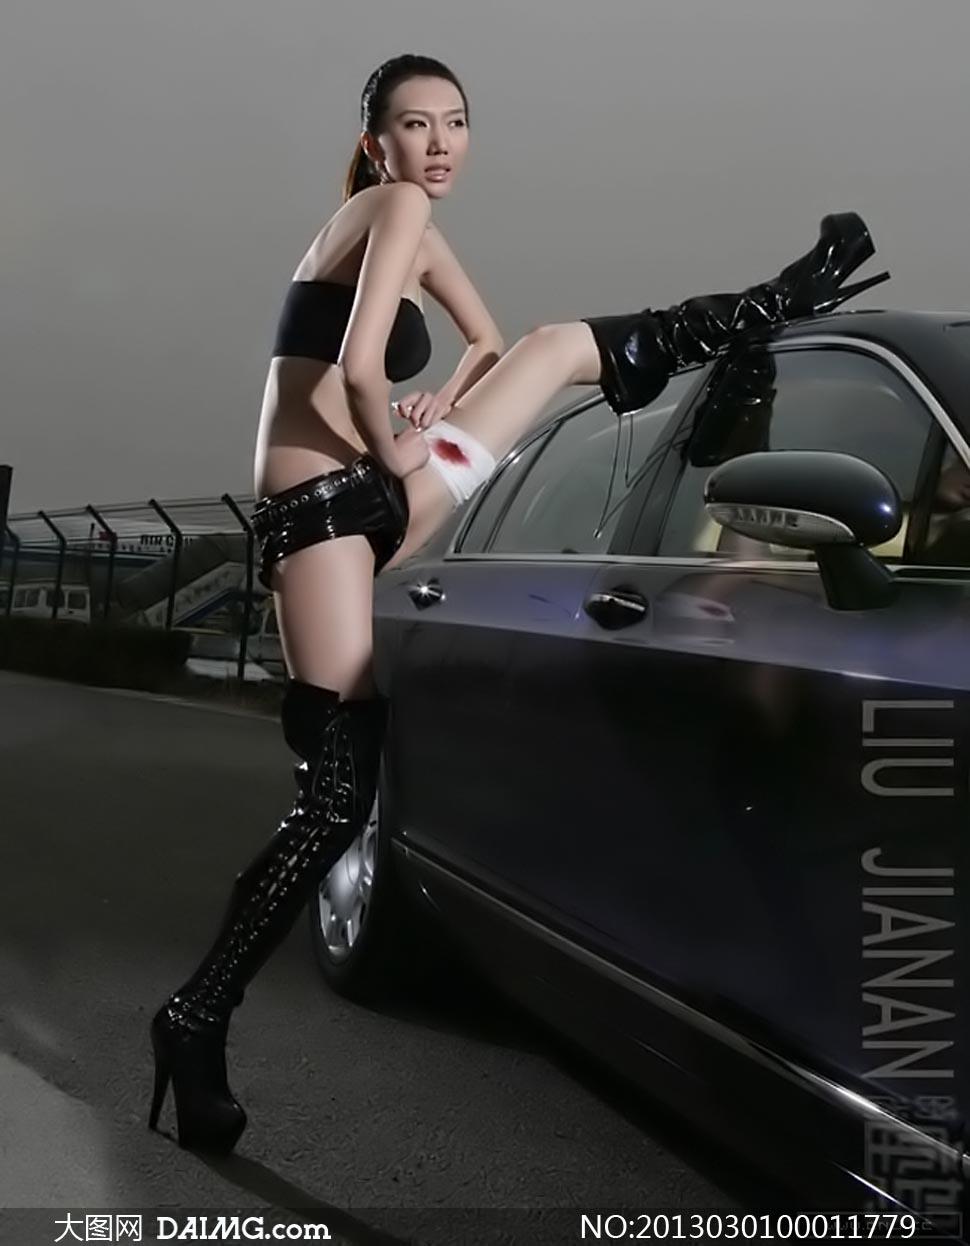 性感的美女车模摄影图片 竖